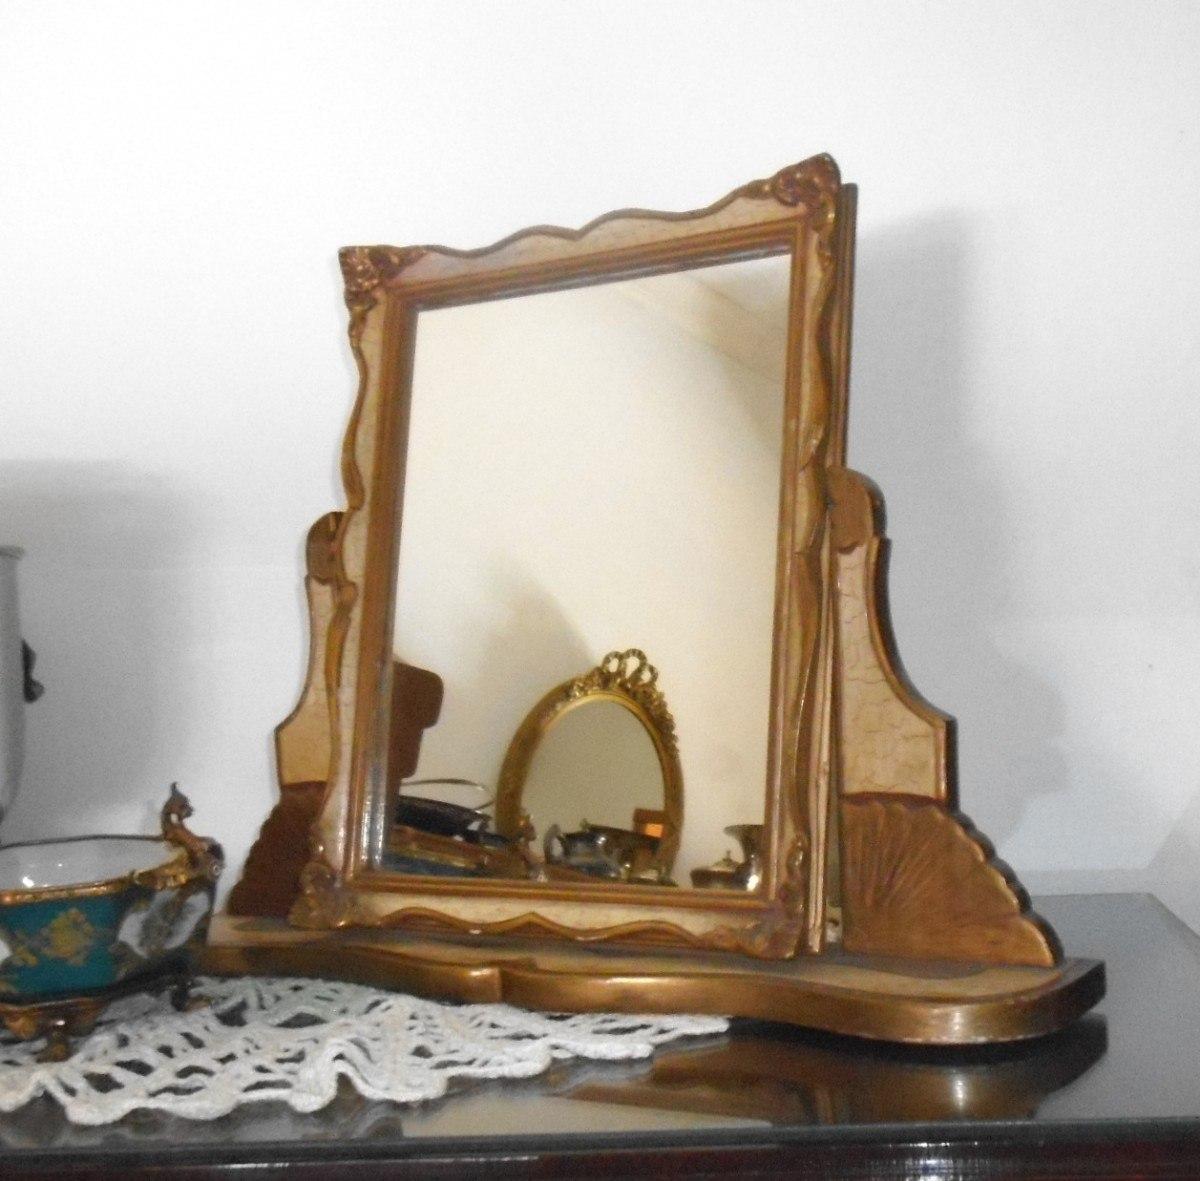 Cuadros antiguos marcos dorados venta de cuadros - Marcos espejos antiguos ...